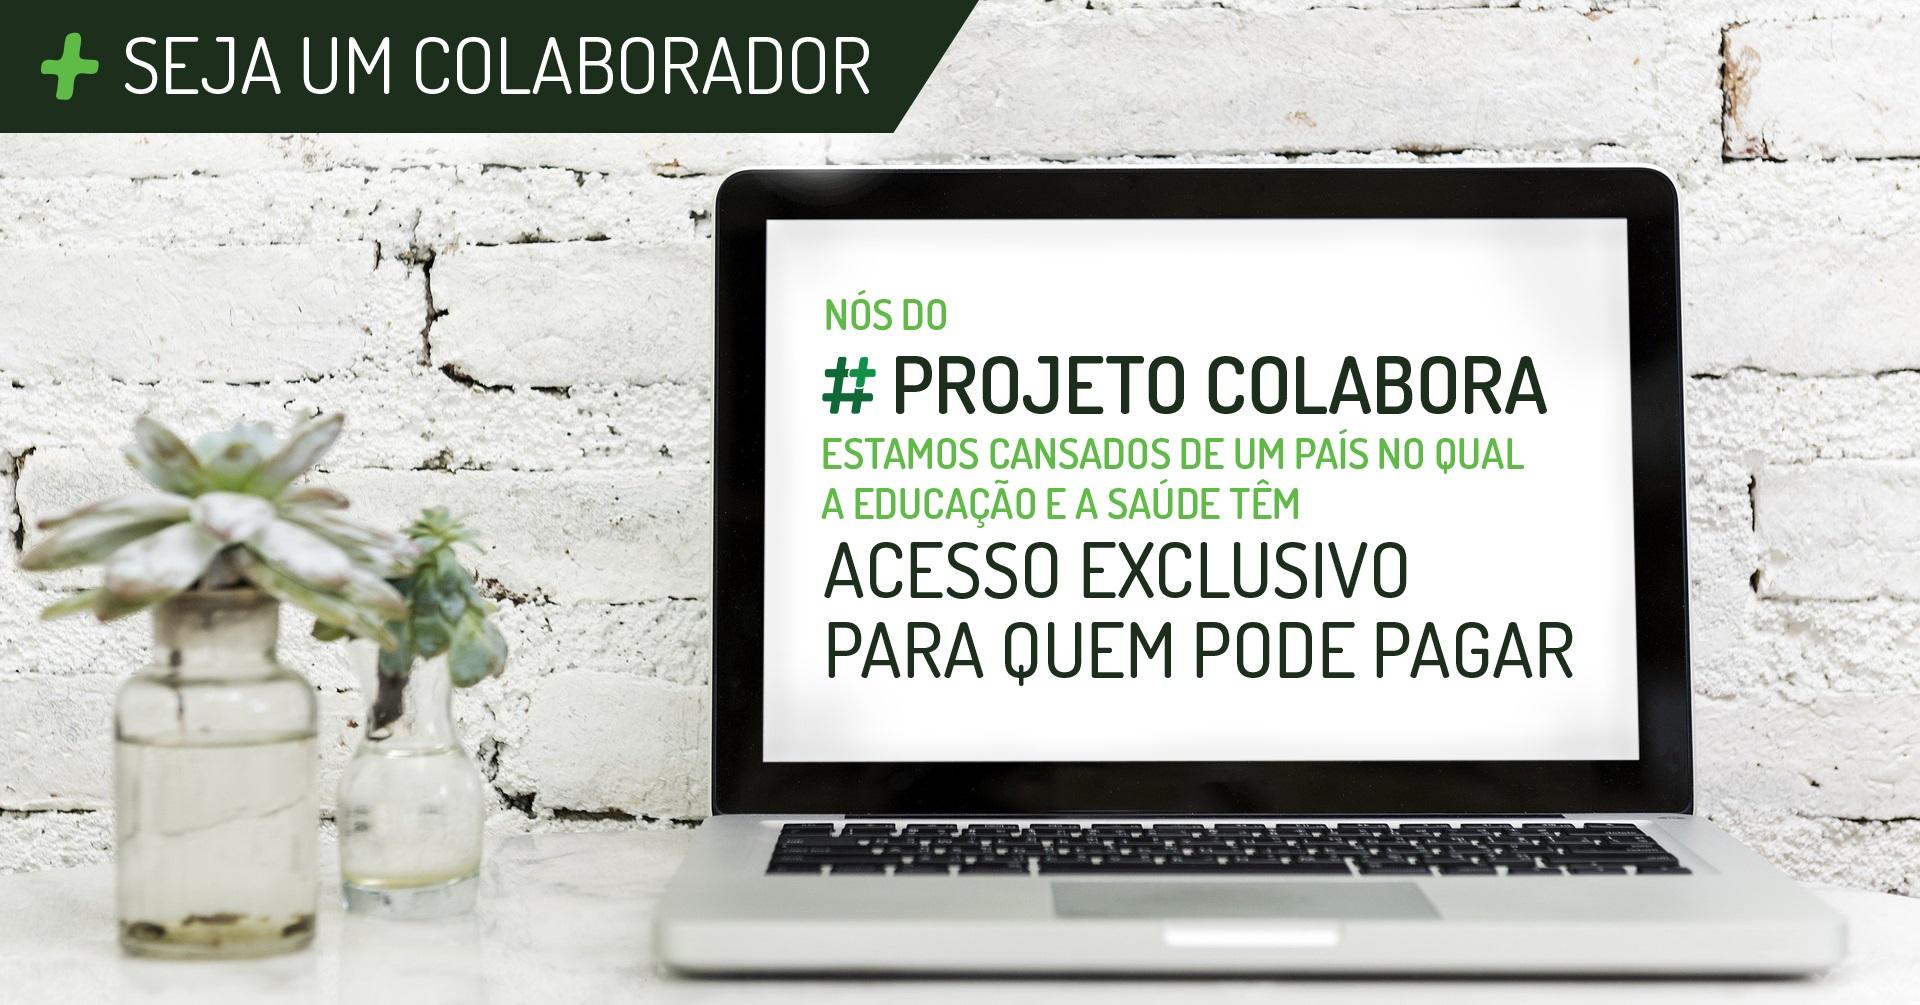 """Uma das peças da campanha """"Apoie o #Colabora"""" que estará circulando pelas redes sociais. Reprodução"""